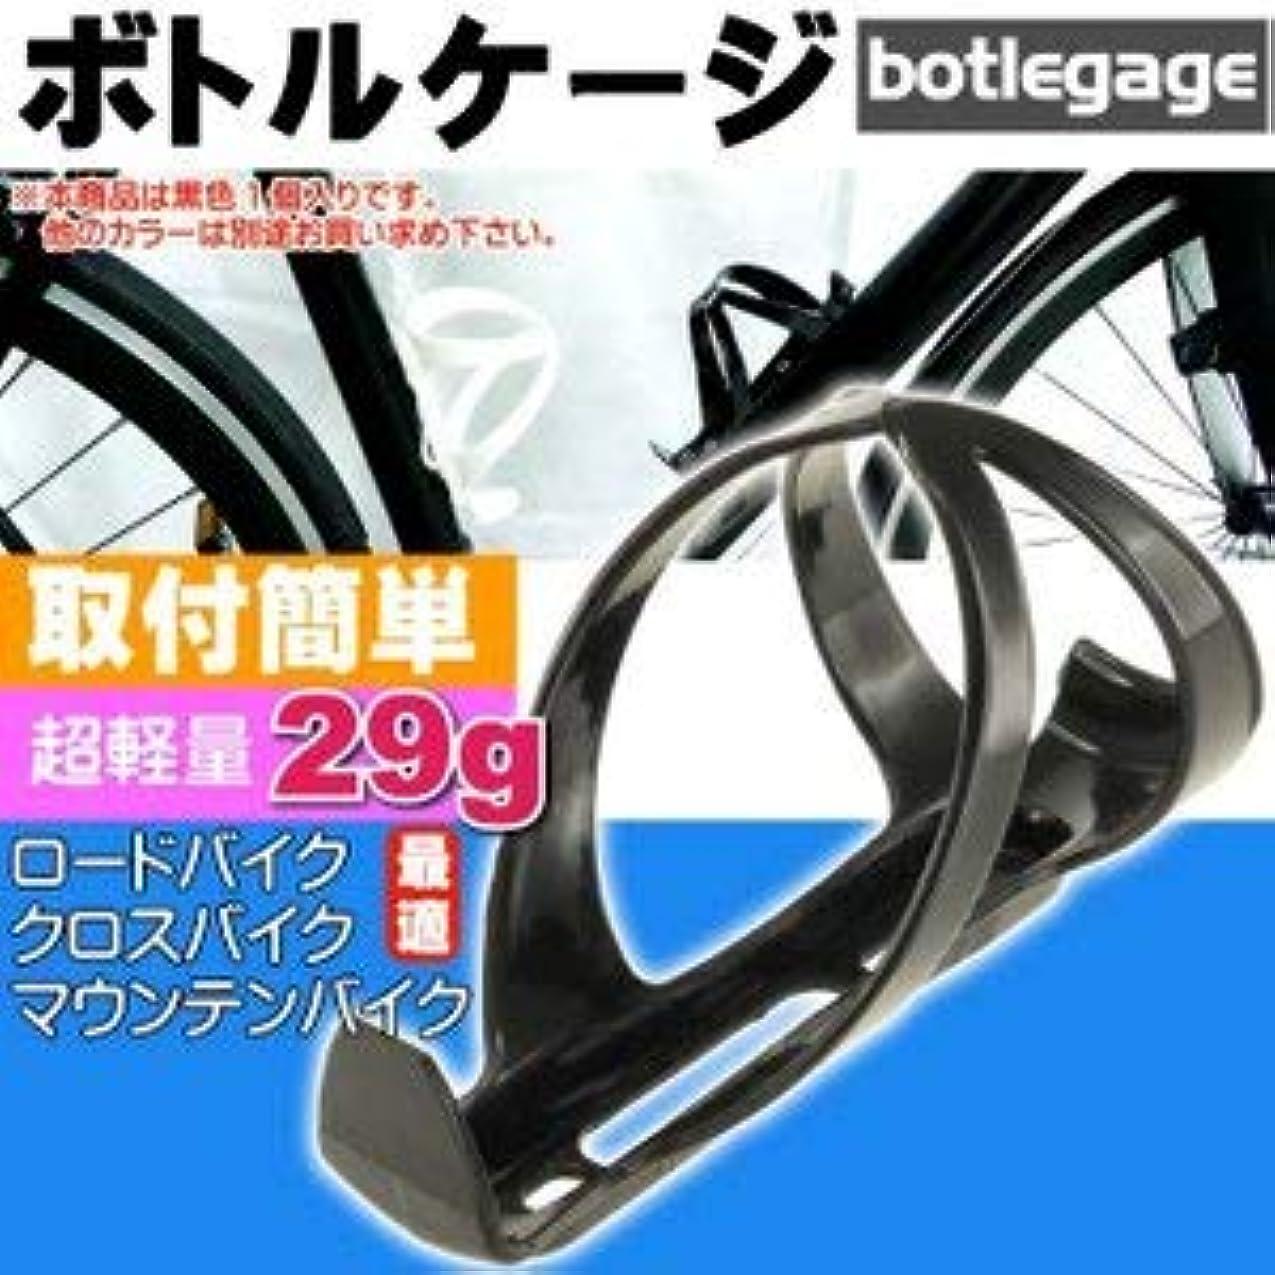 なるにやにや伝記自転車 ボトルケージ ドリンクホルダー 黒色ボトルケージ ドリンクホルダーに最適ボトルケージ 便利なボトルケージ